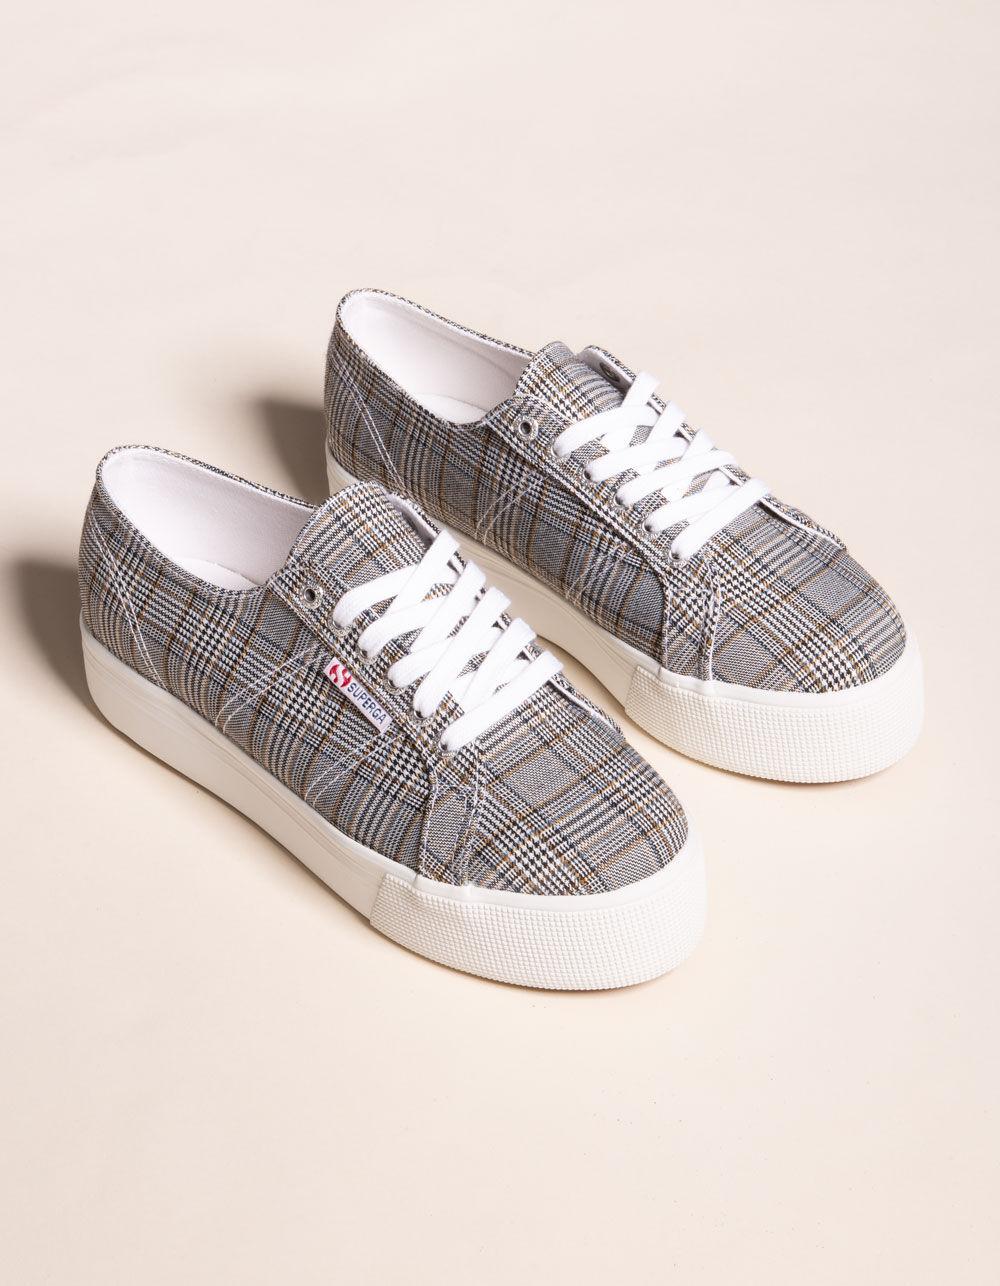 SUPERGA 2790 Plaid Platform Shoes